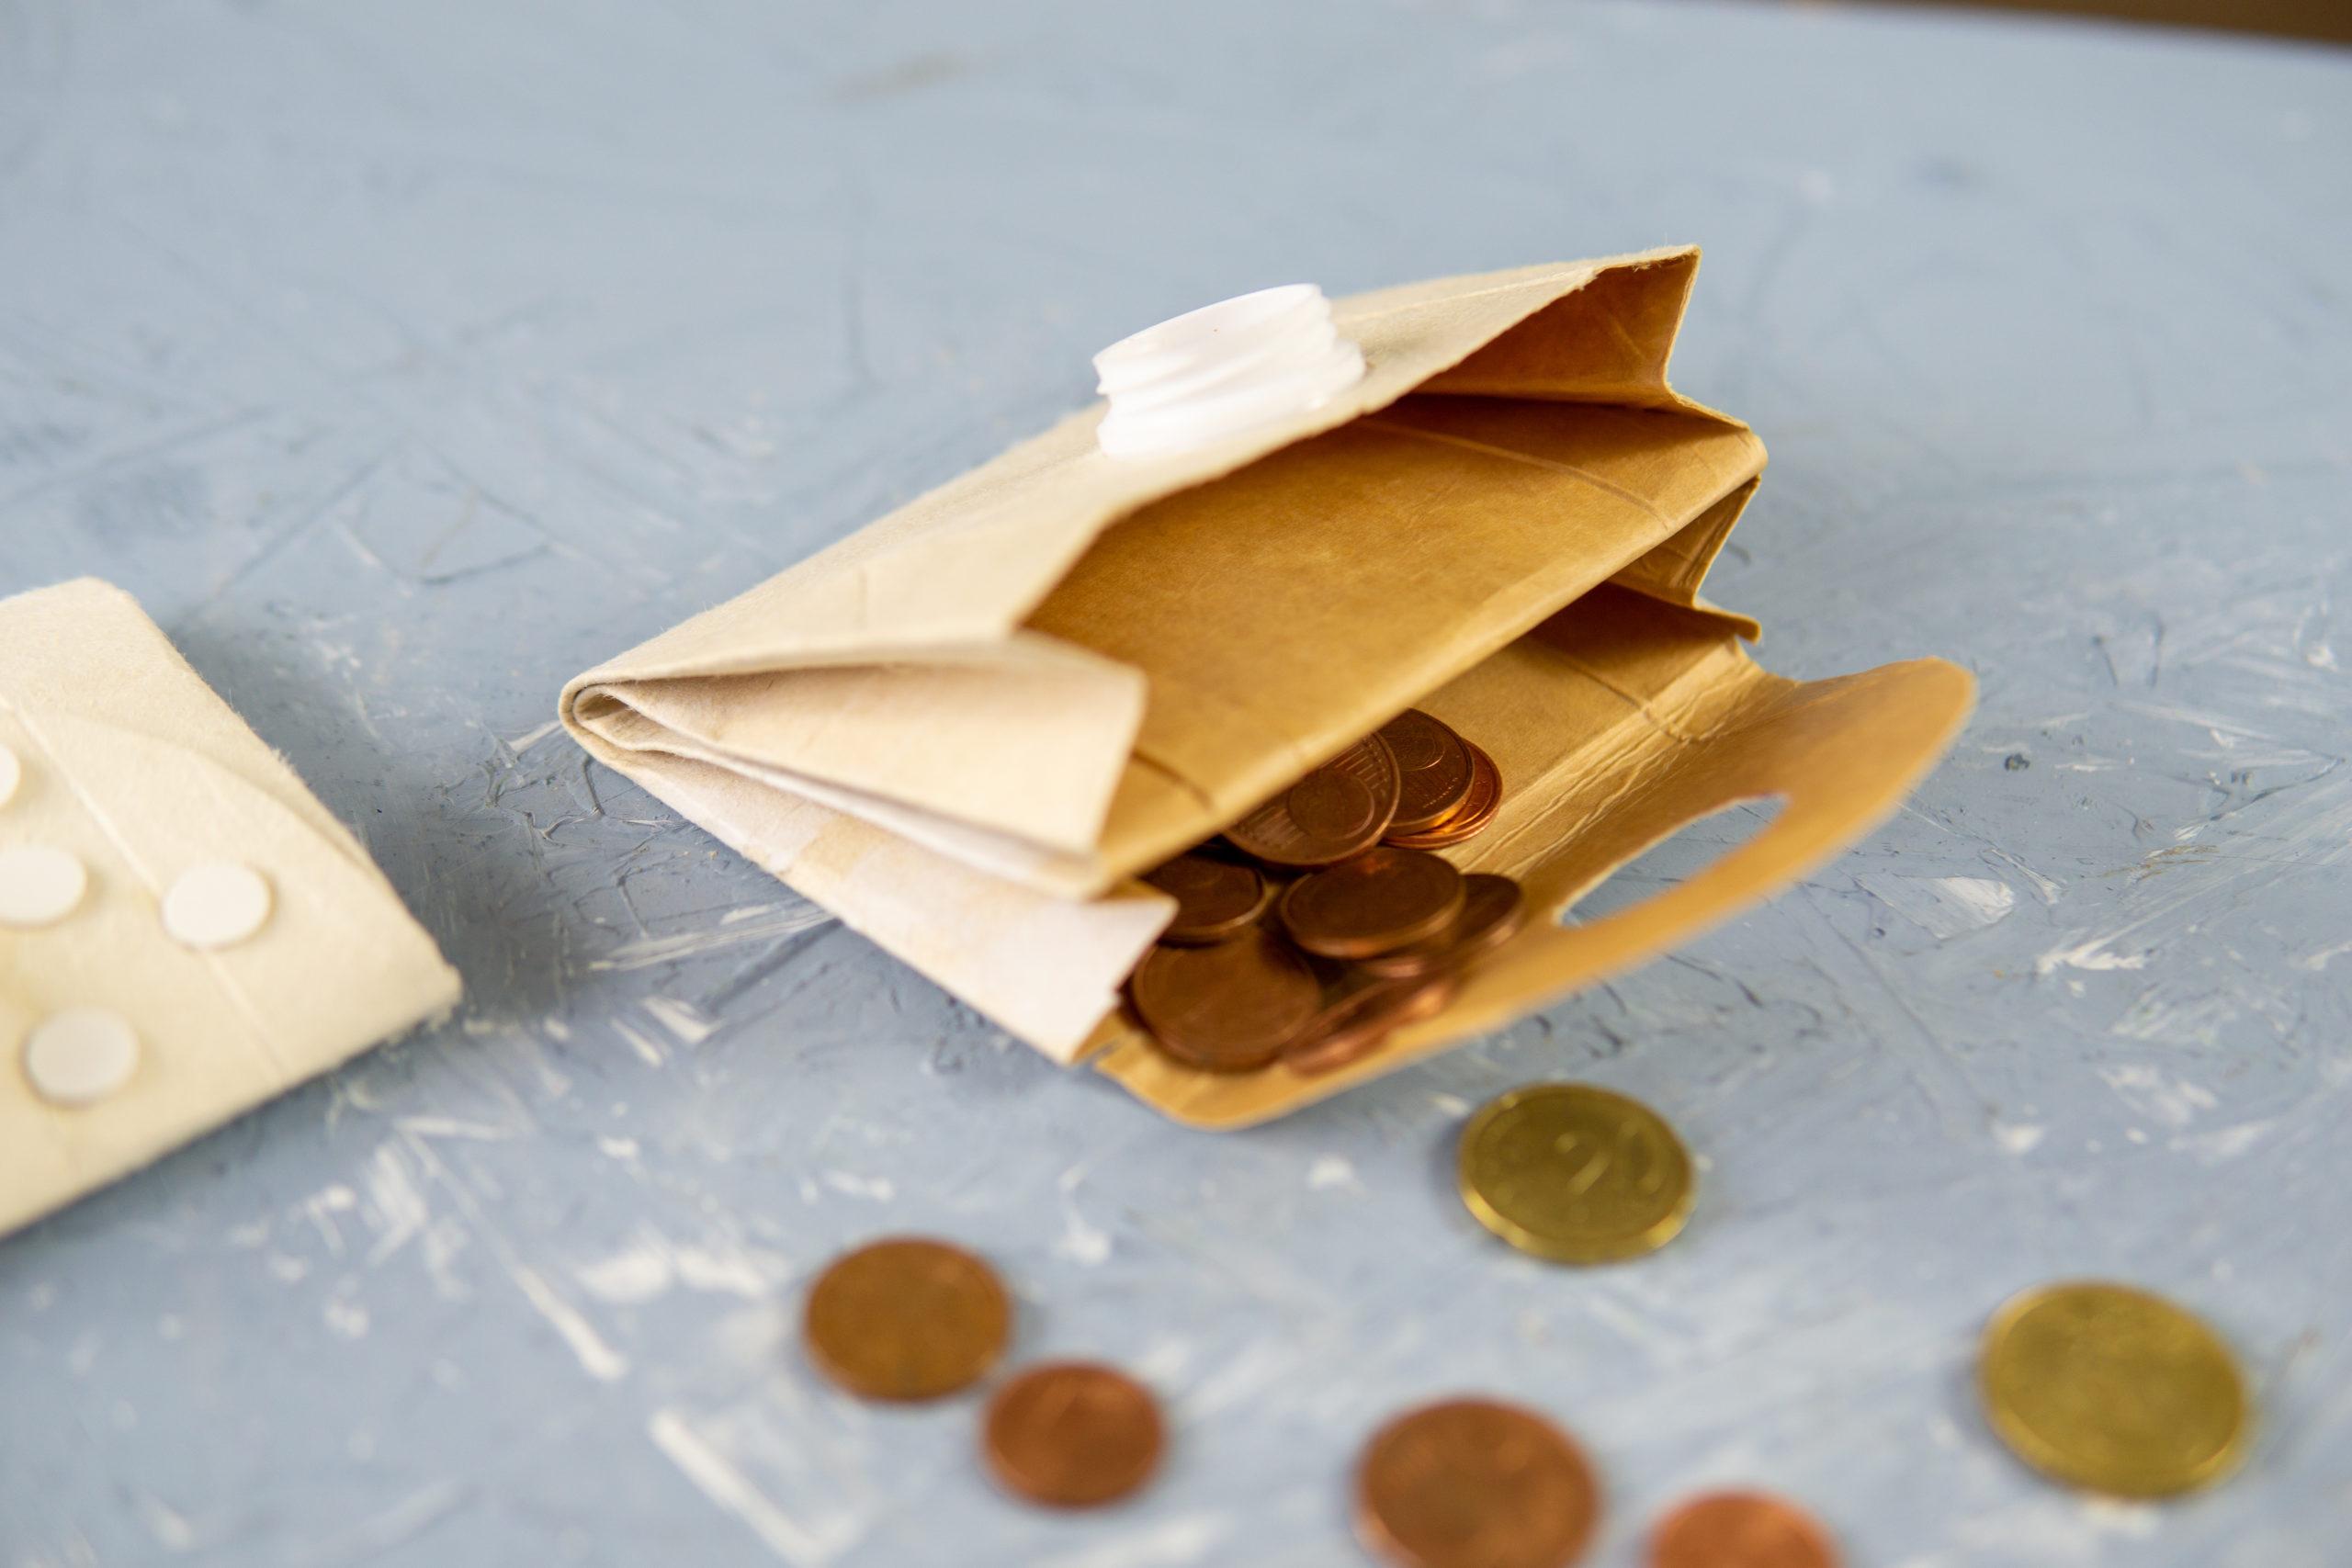 Nachhaltigkeit: DIY Geldbörse aus der Milchtüte